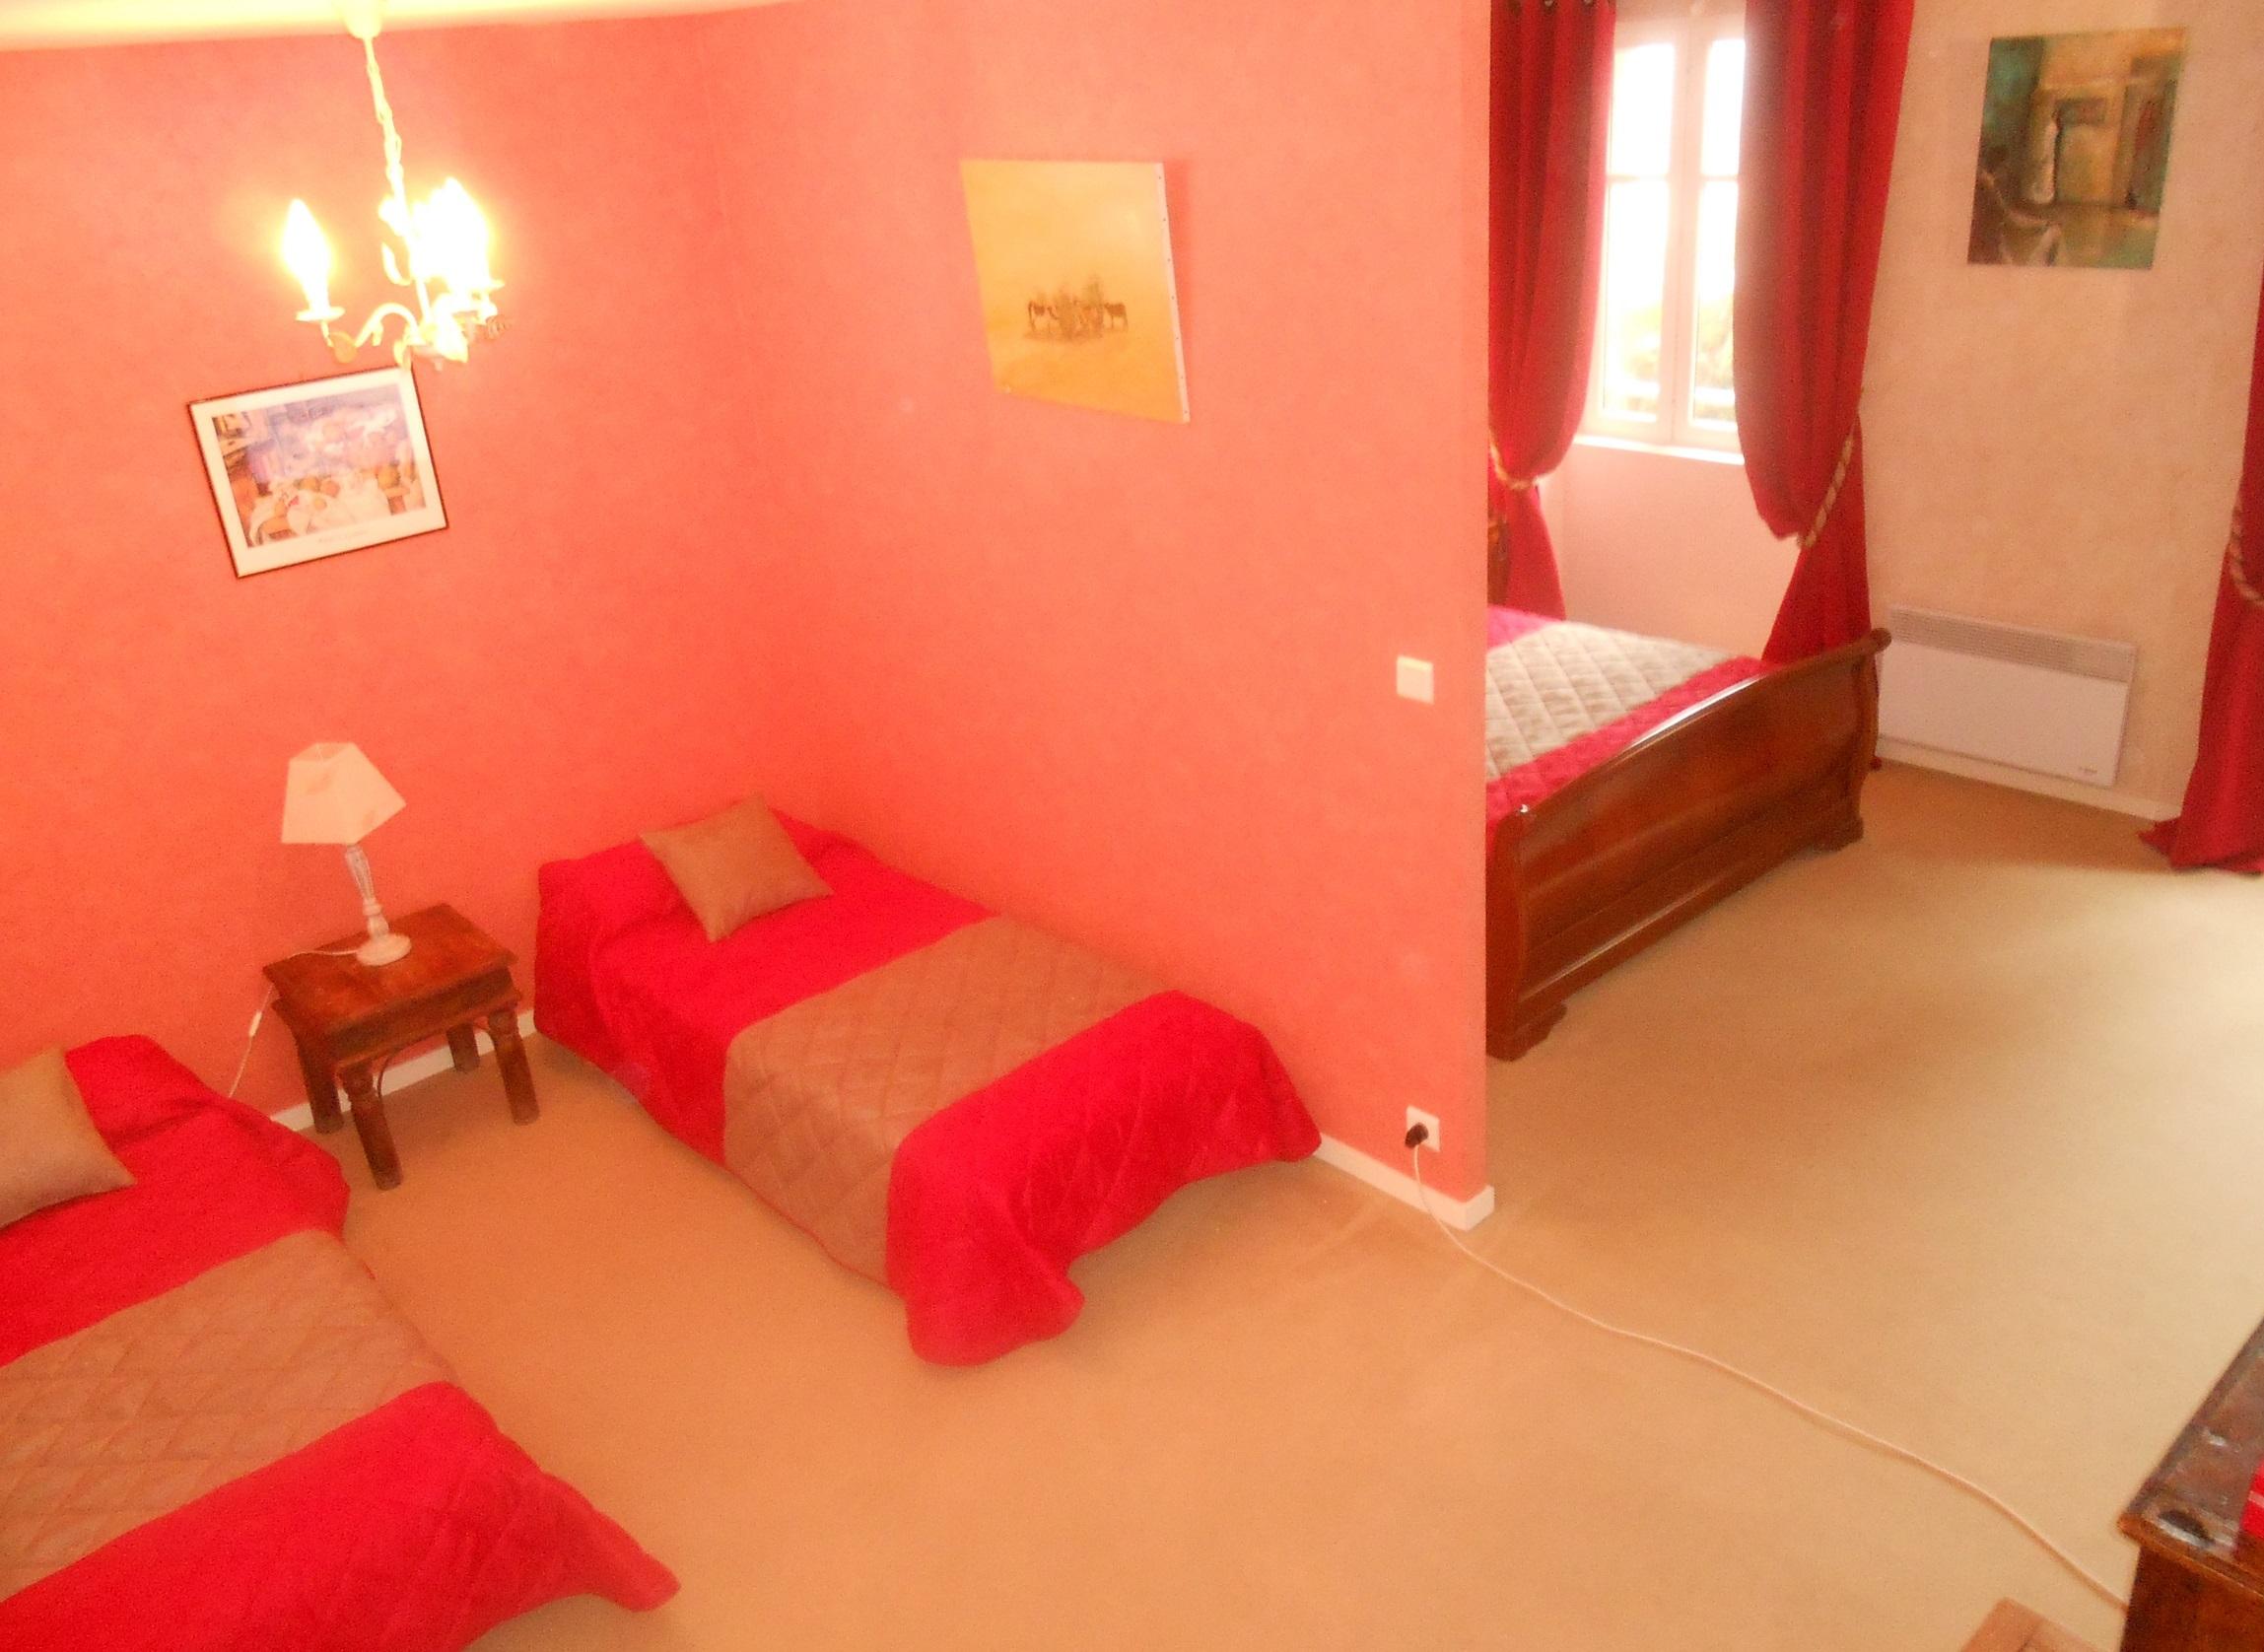 Hotel de la barbacane pas ch re tarifs et r servations for Hotel pas chere